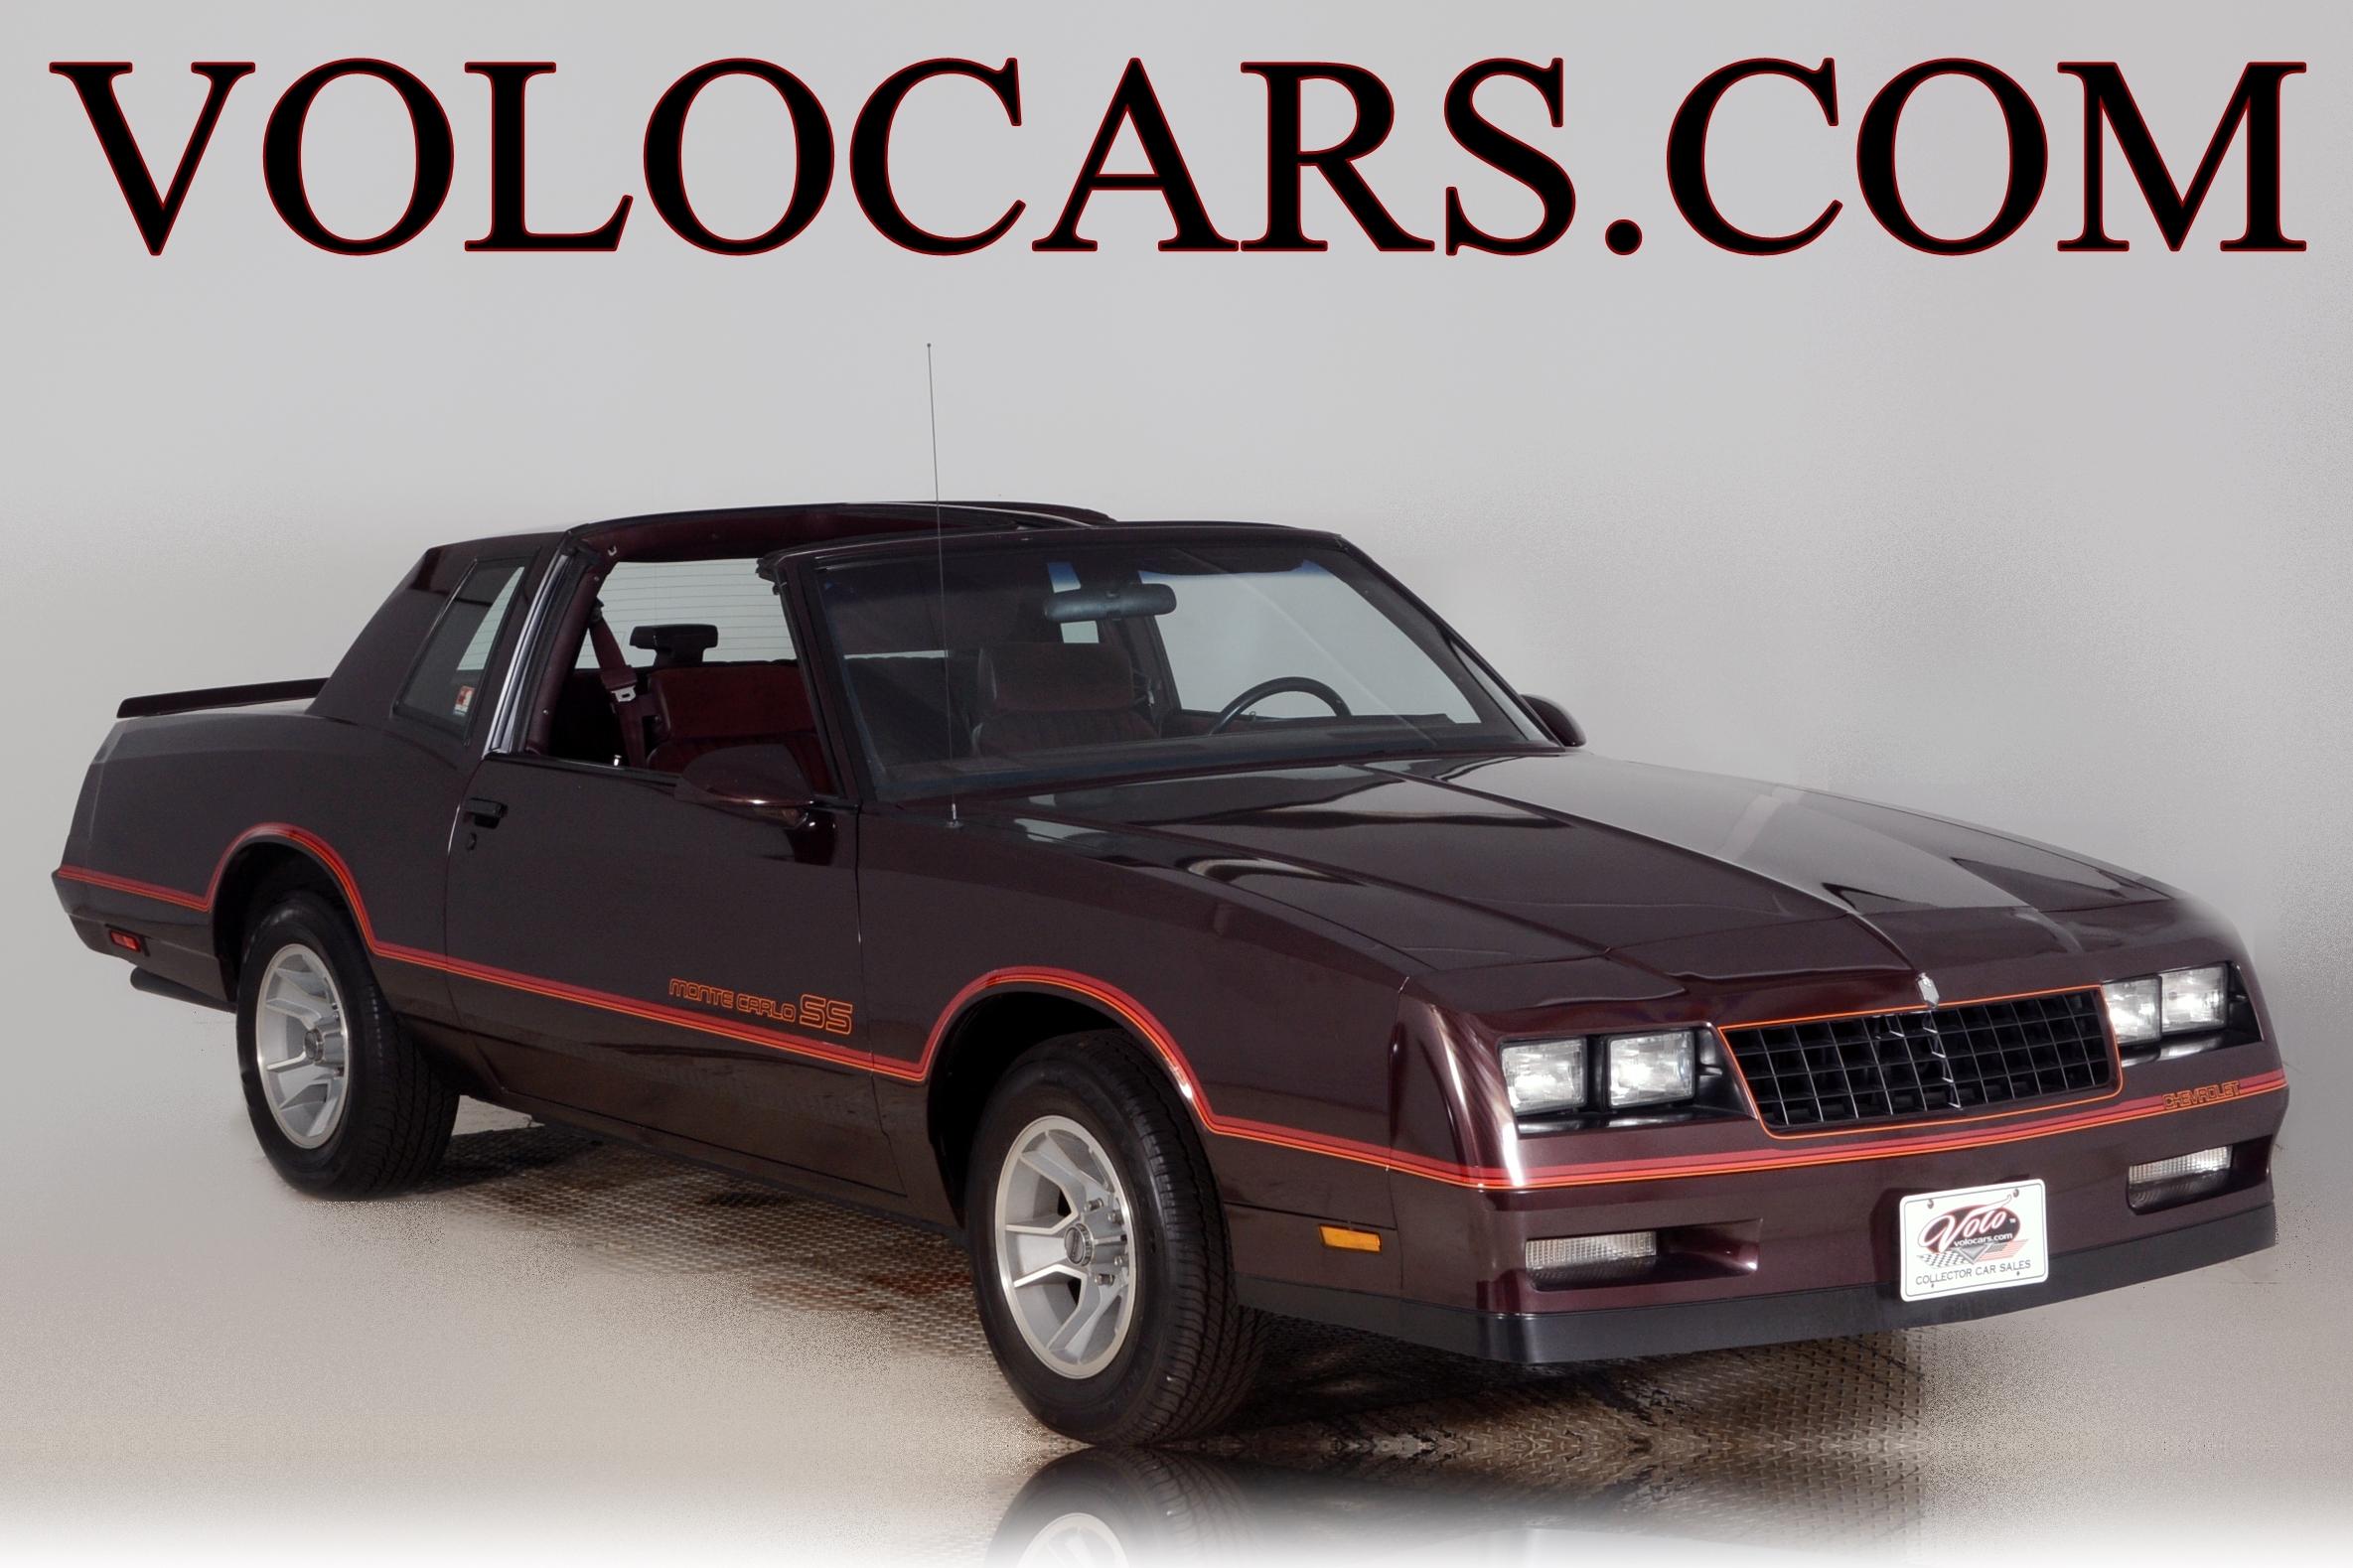 1986 chevrolet monte carlo volo auto museum rh volocars com 1980 Monte Carlo 1986 monte carlo owners manual free pdf